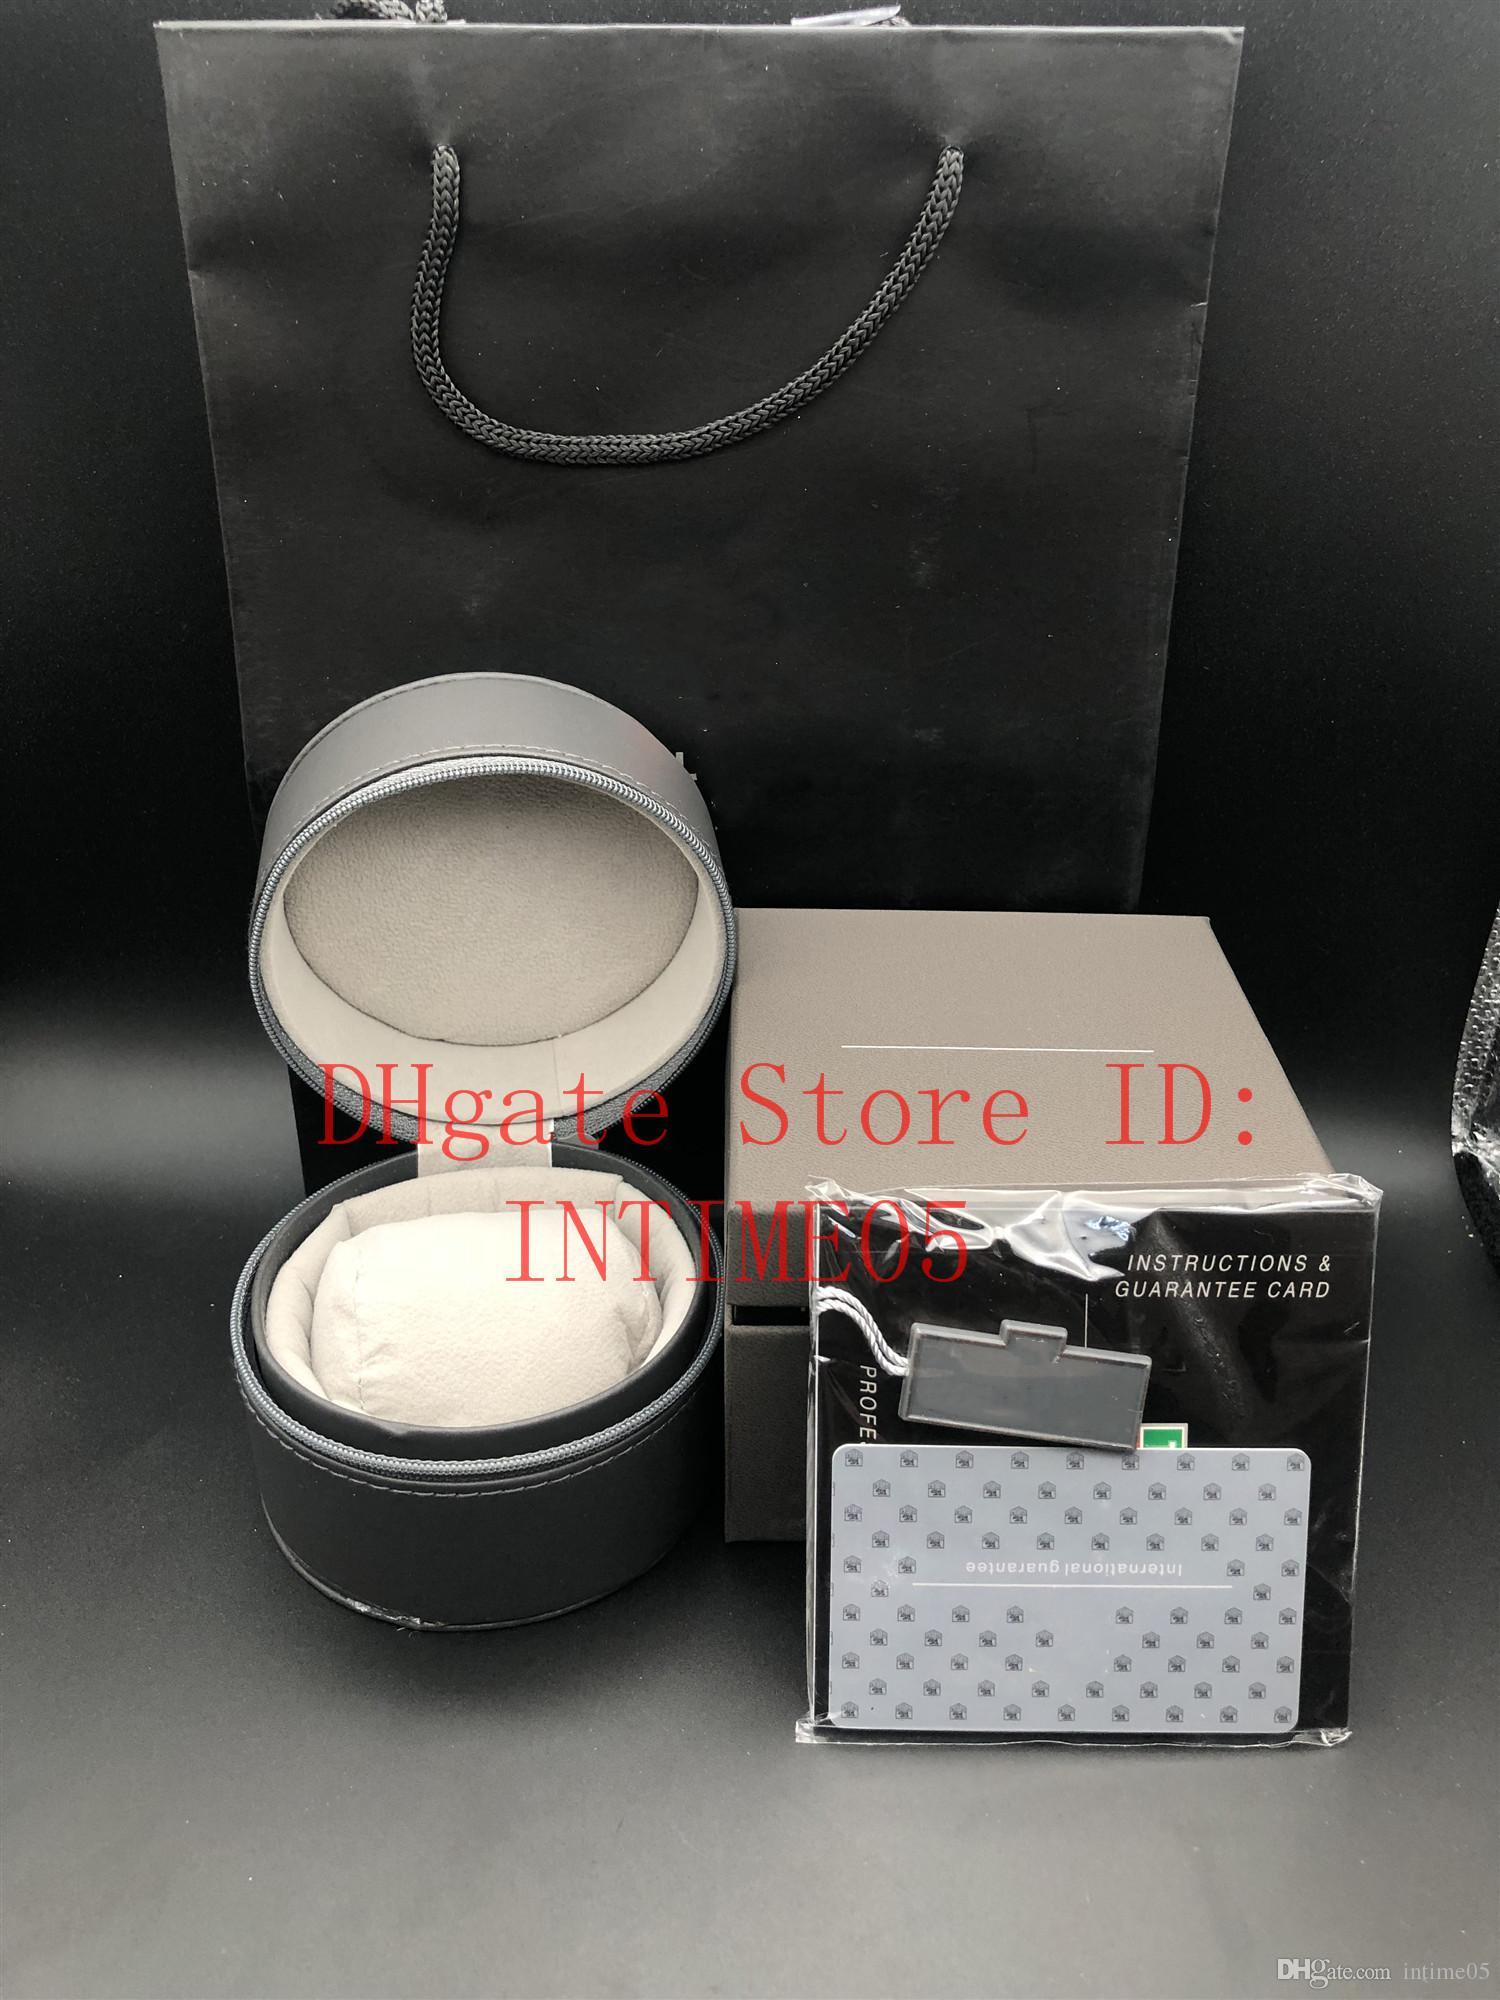 Cajas de cajas El mejor al por mayor Top Relojes Mira Reloj de calidad Cajas de regalo Casual Moda Caja de cuero Etiqueta de joyería Reloj Hnscq